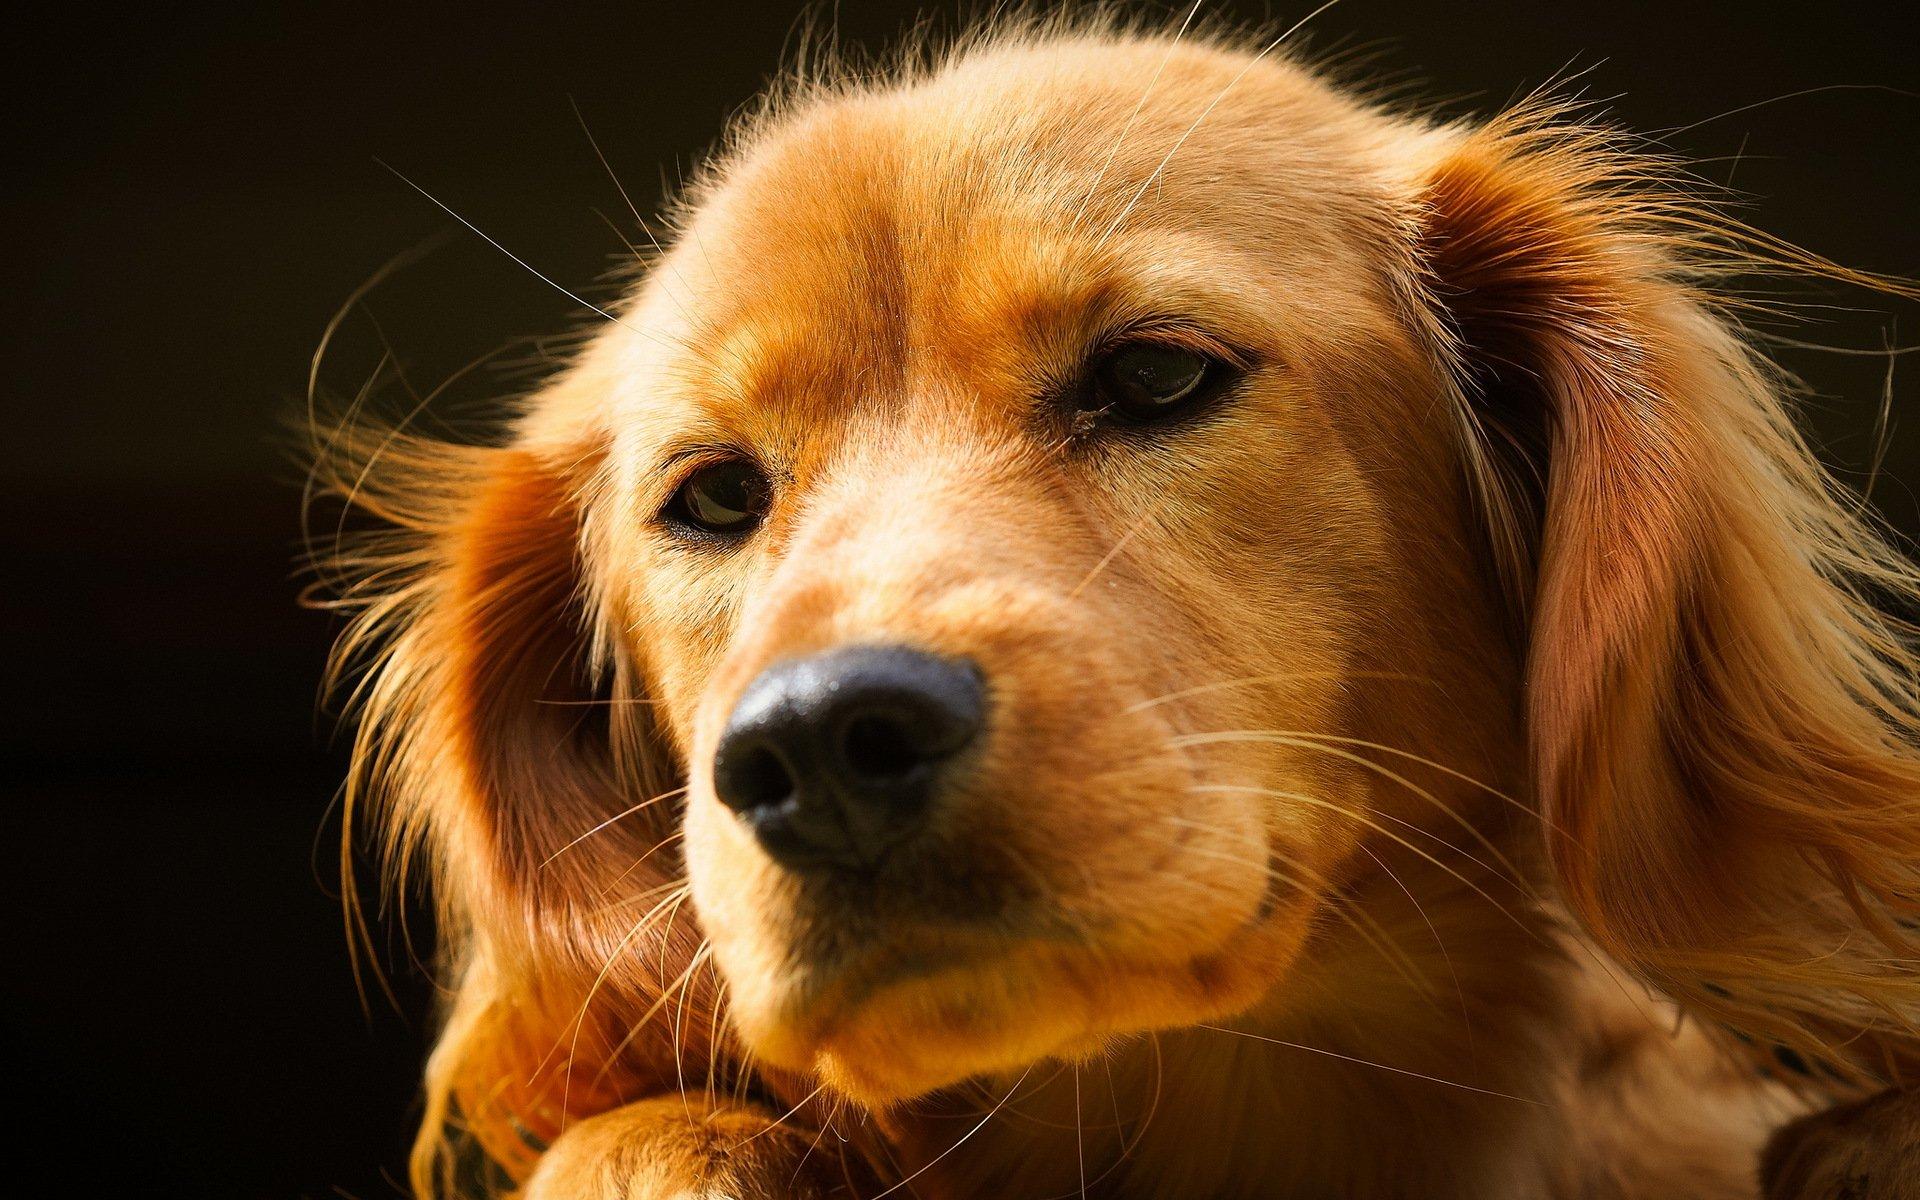 состояние, картинки собак обои период нахождения корабля